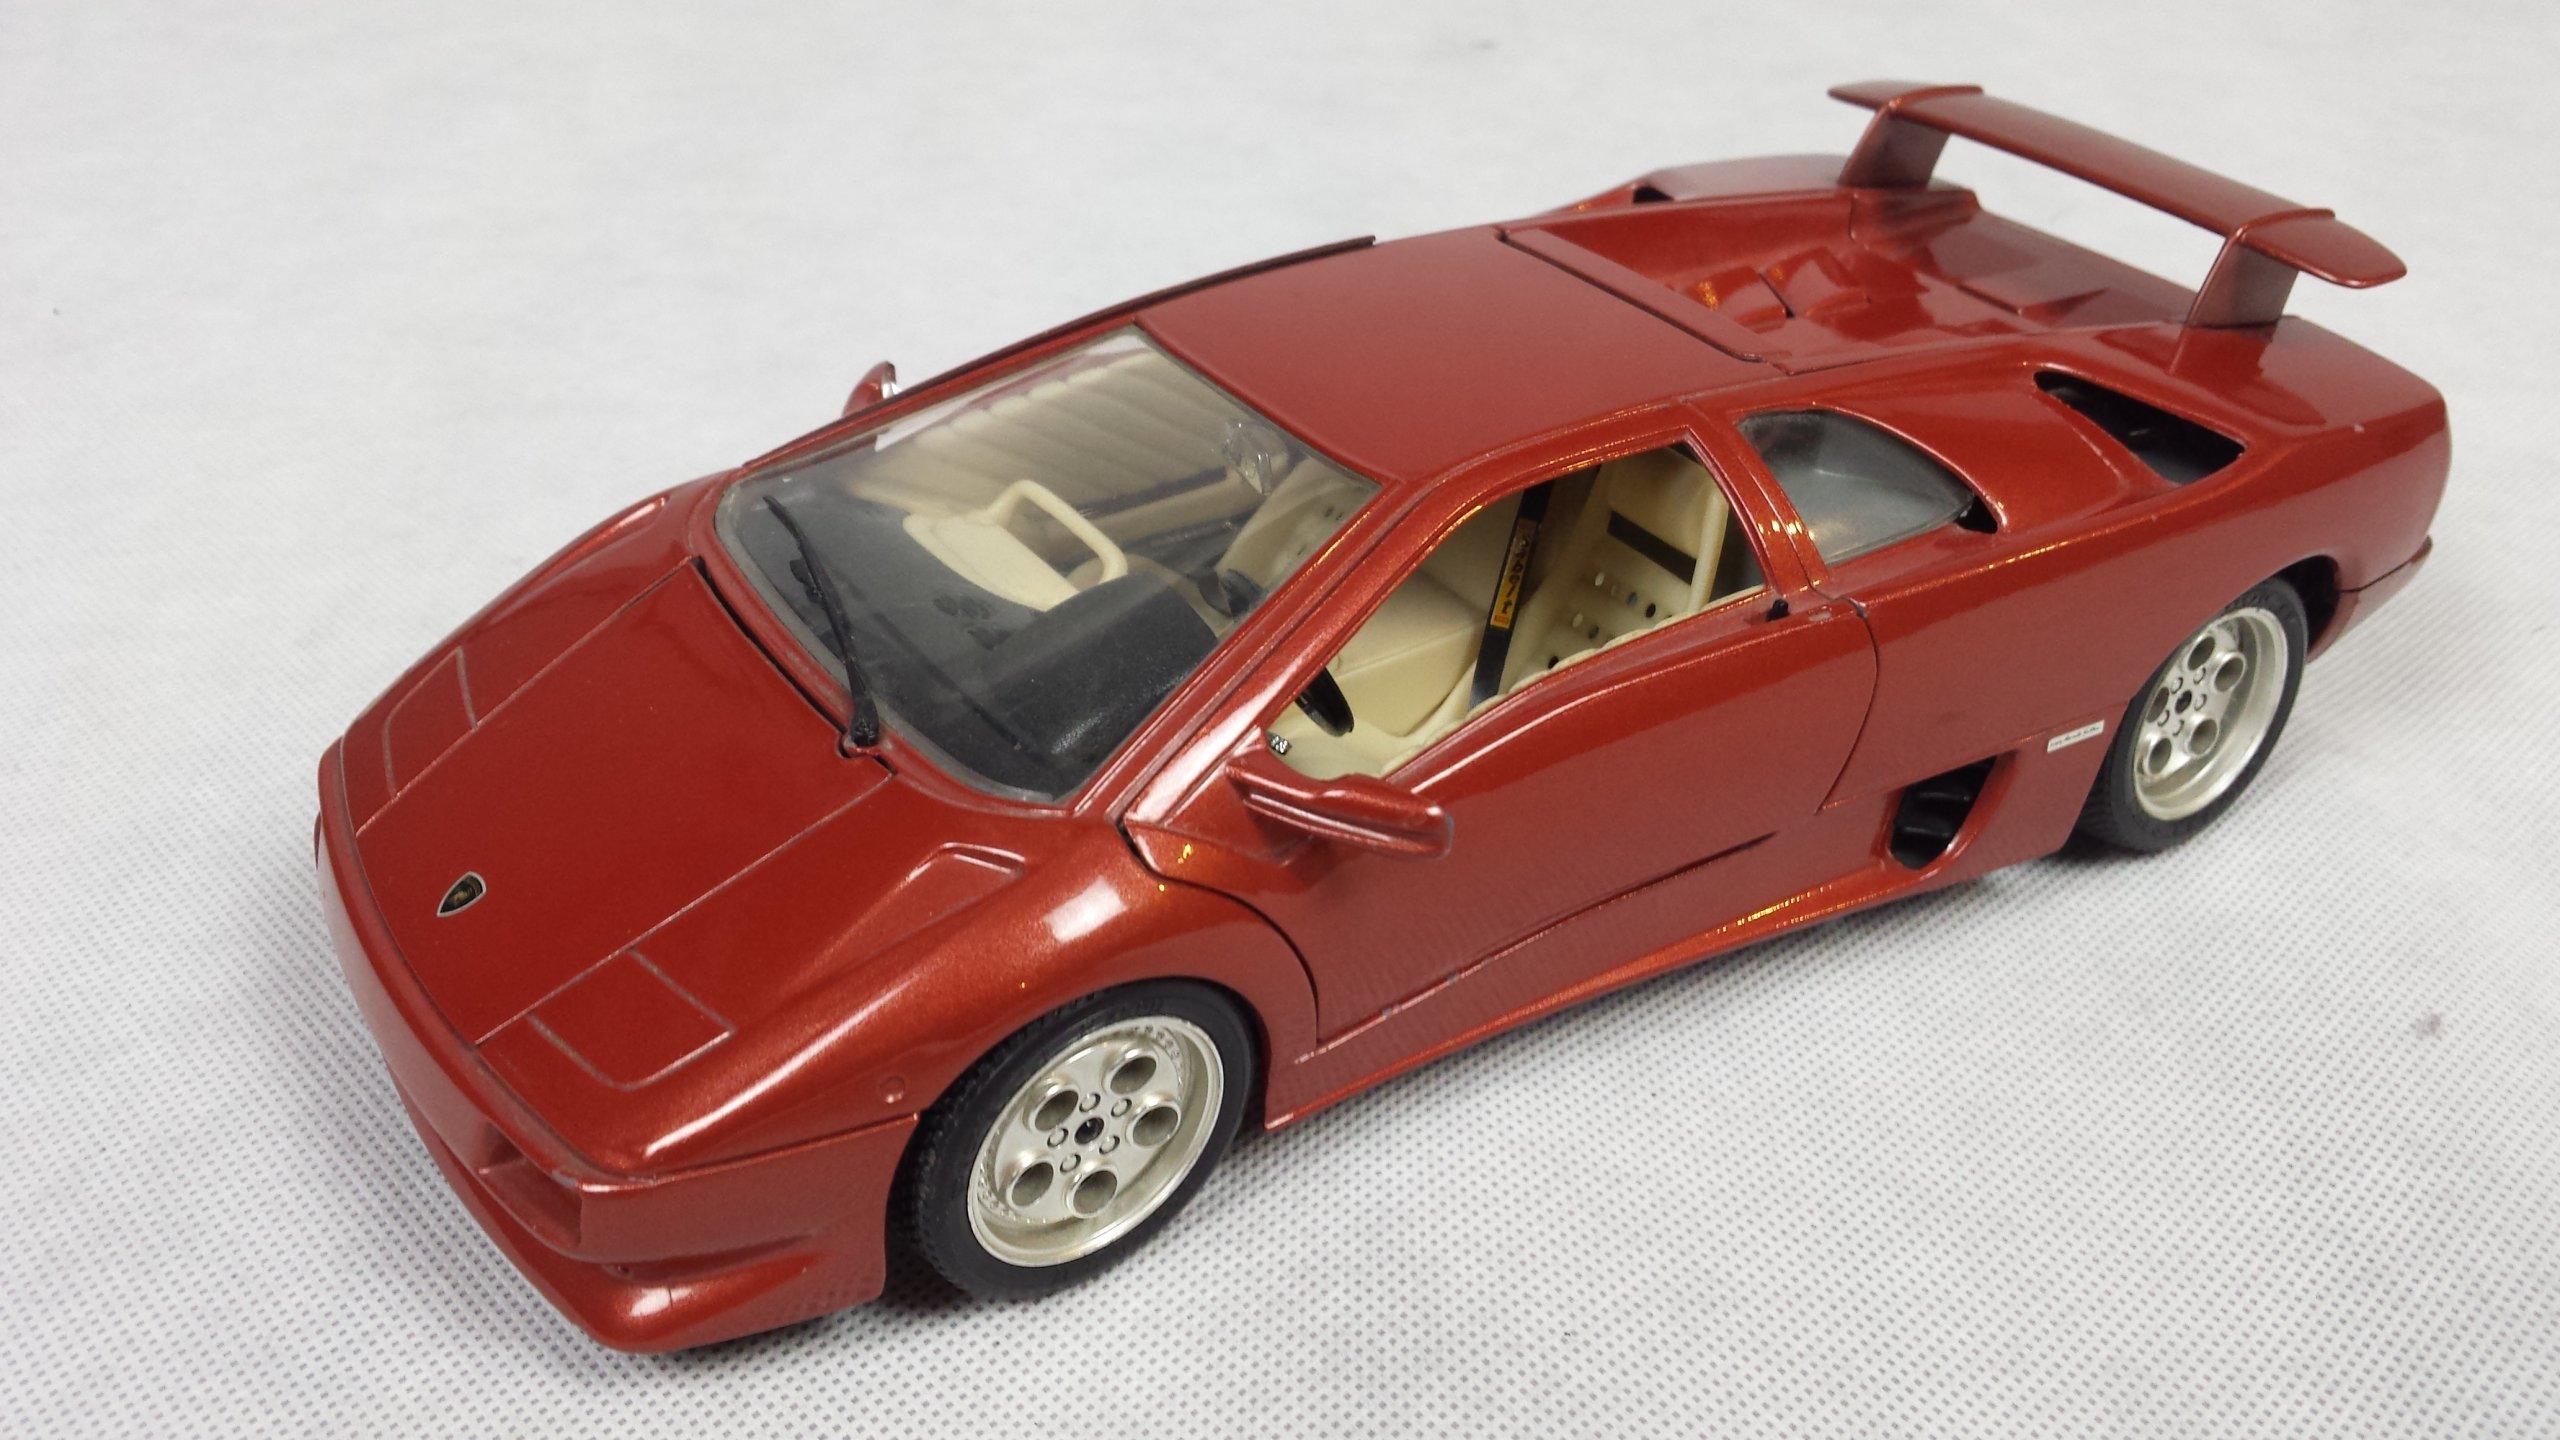 Lamborghini Diablo 1990 Bburago Skala 1 18